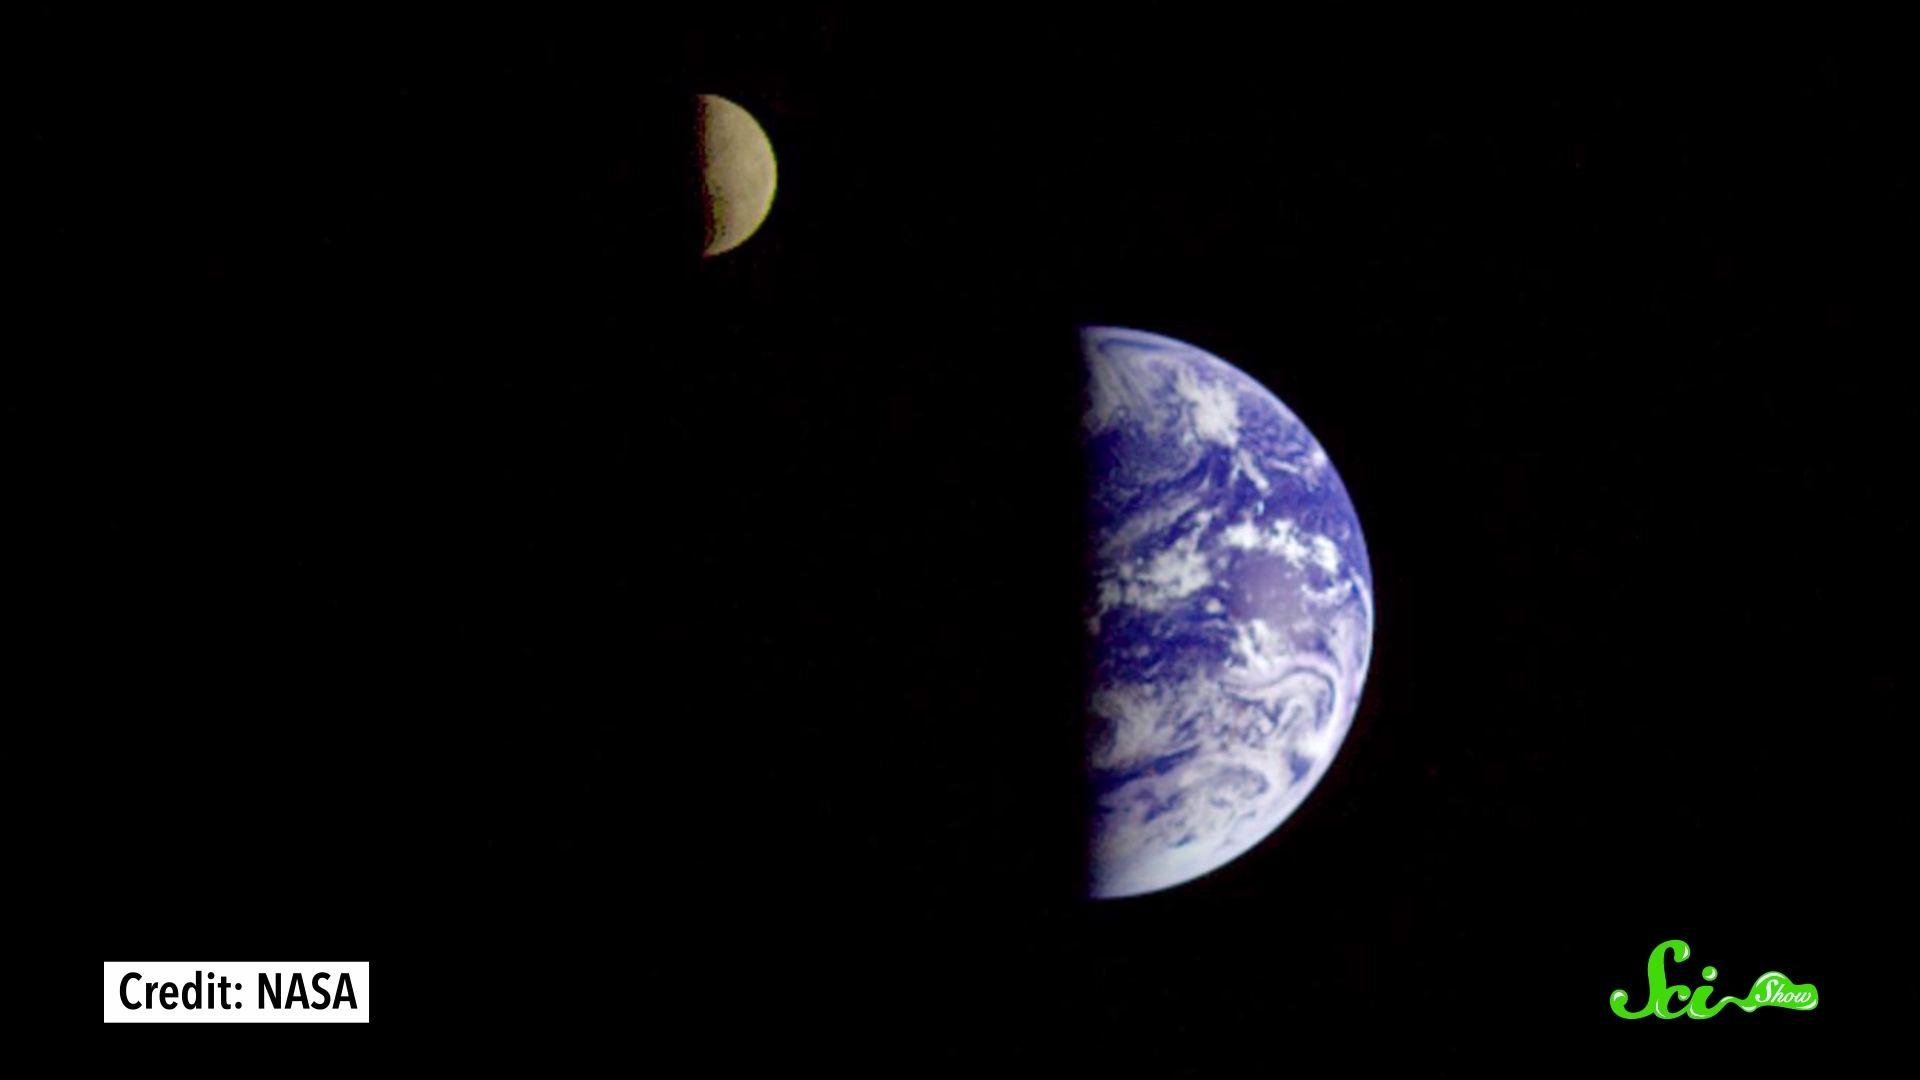 月は少しずつ地球から遠ざかっているらしい では最終的にどうなるのか?